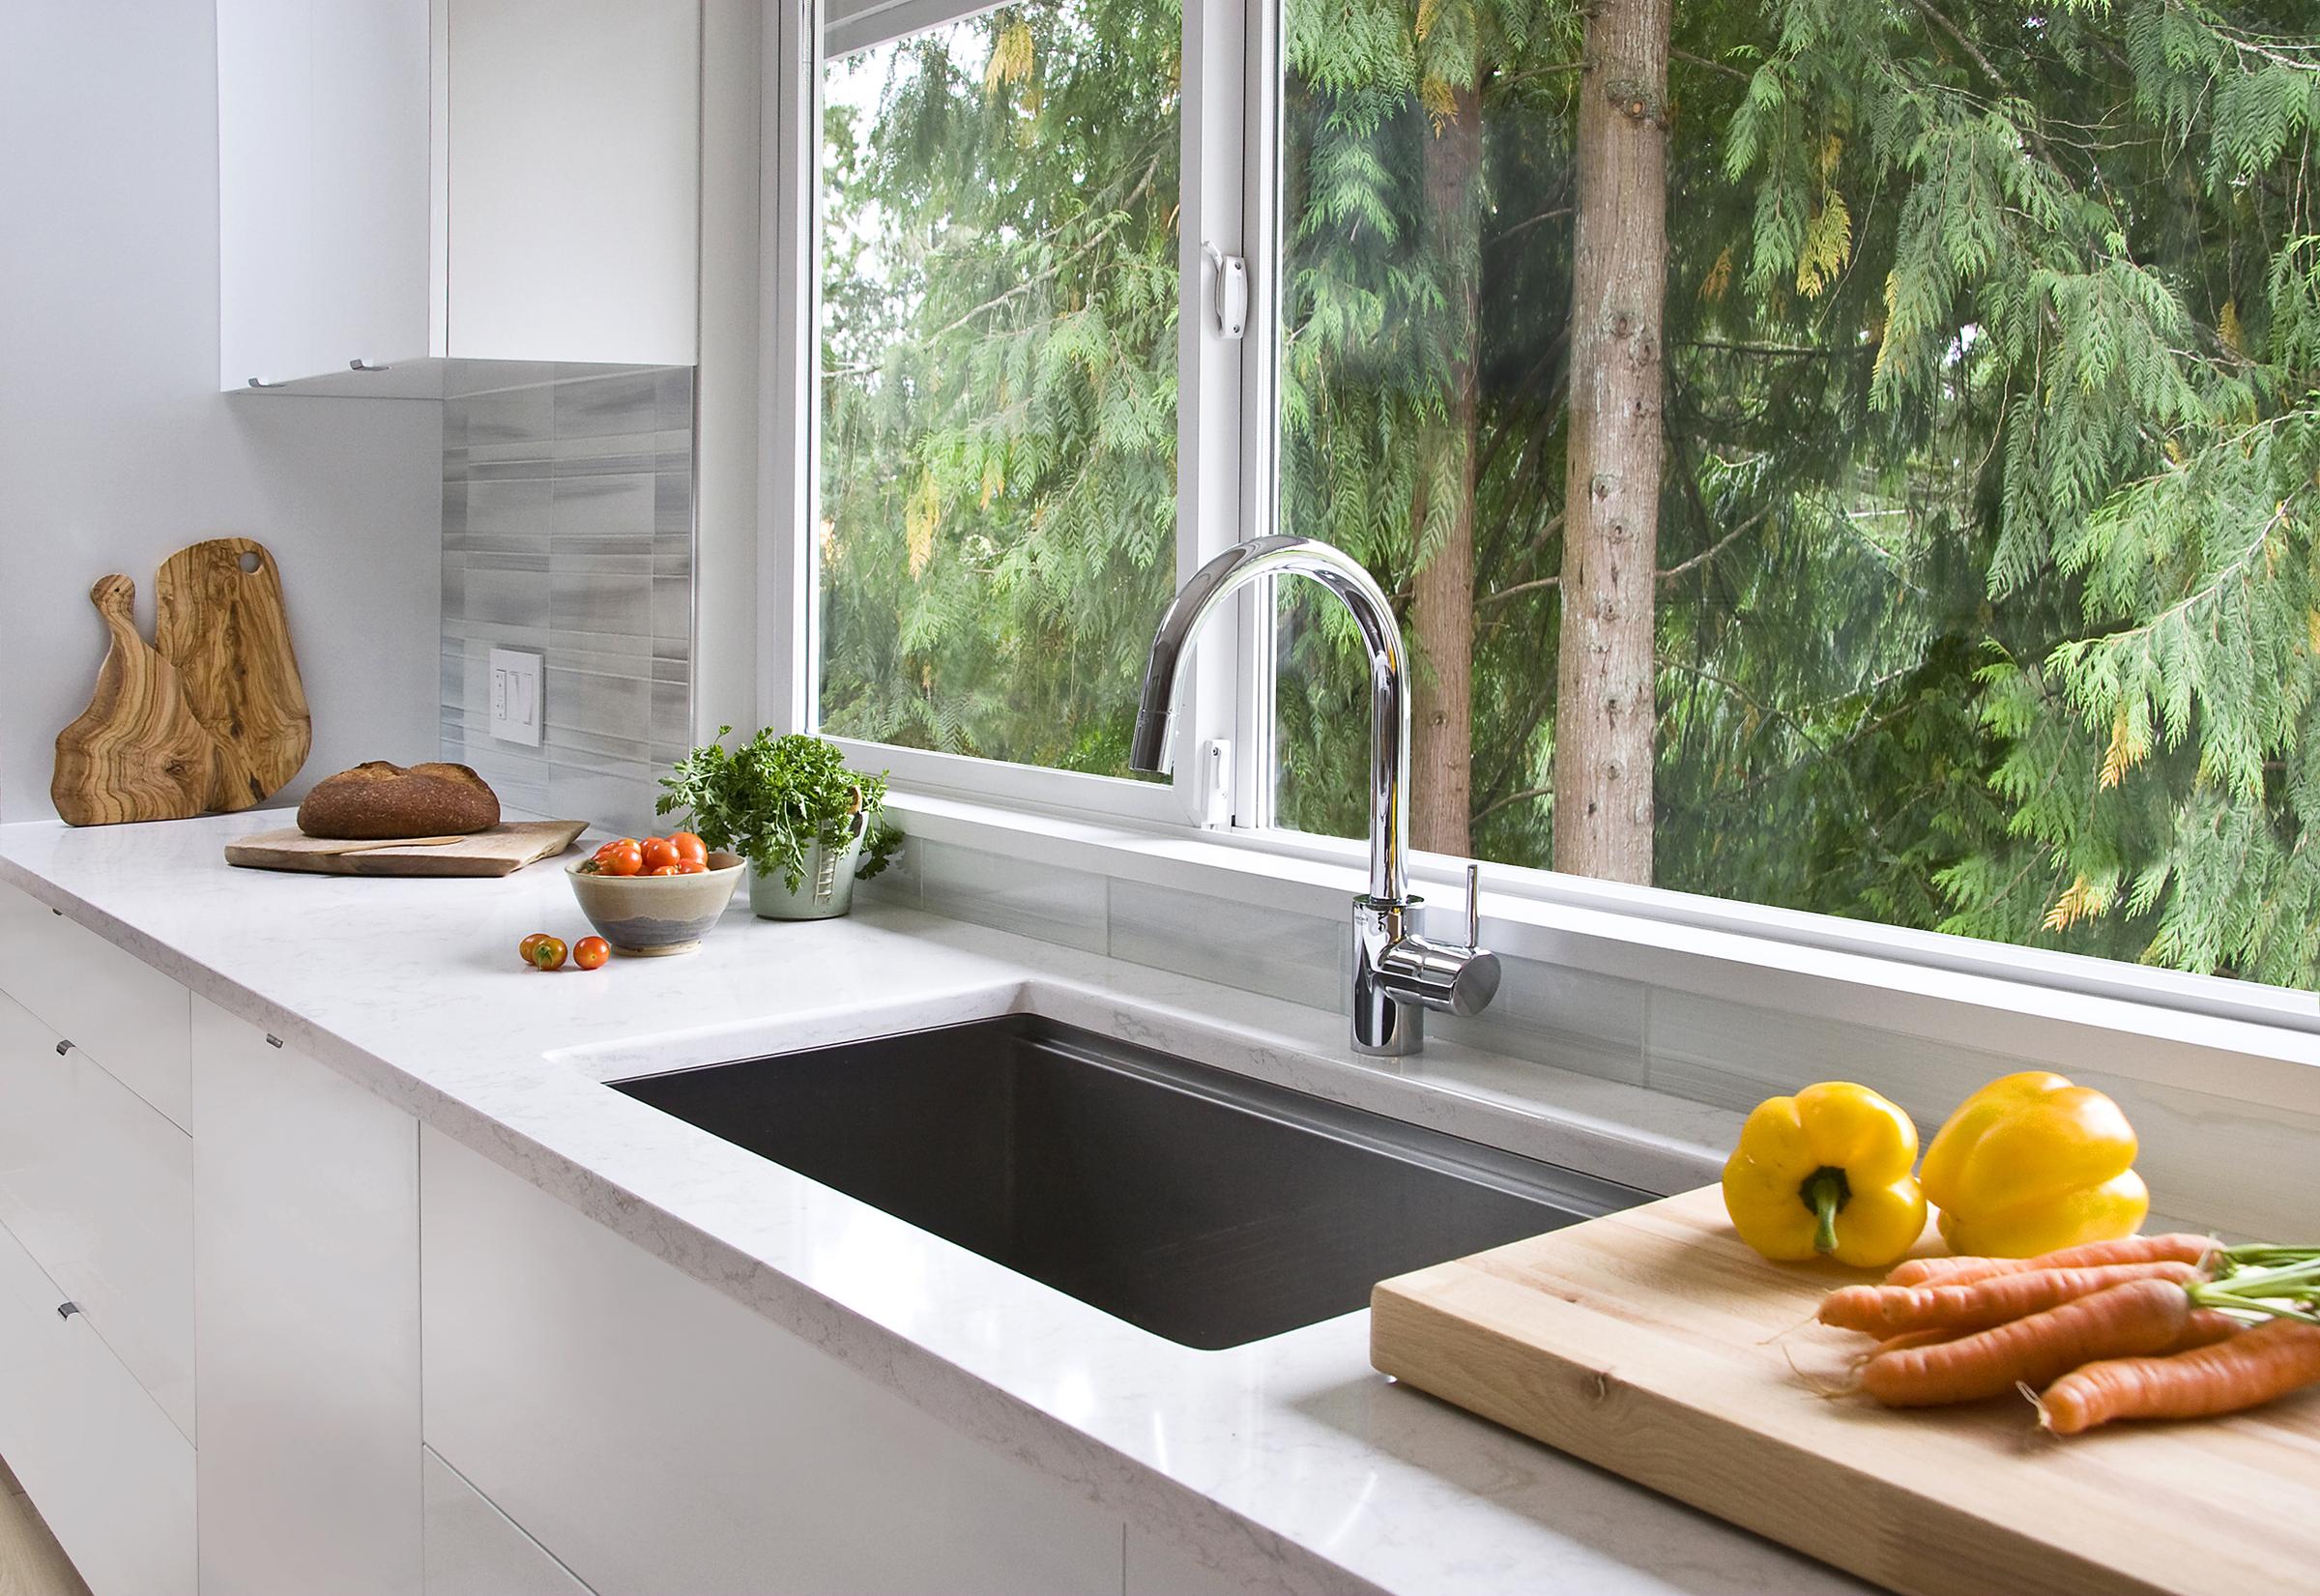 Sink area hz.jpg